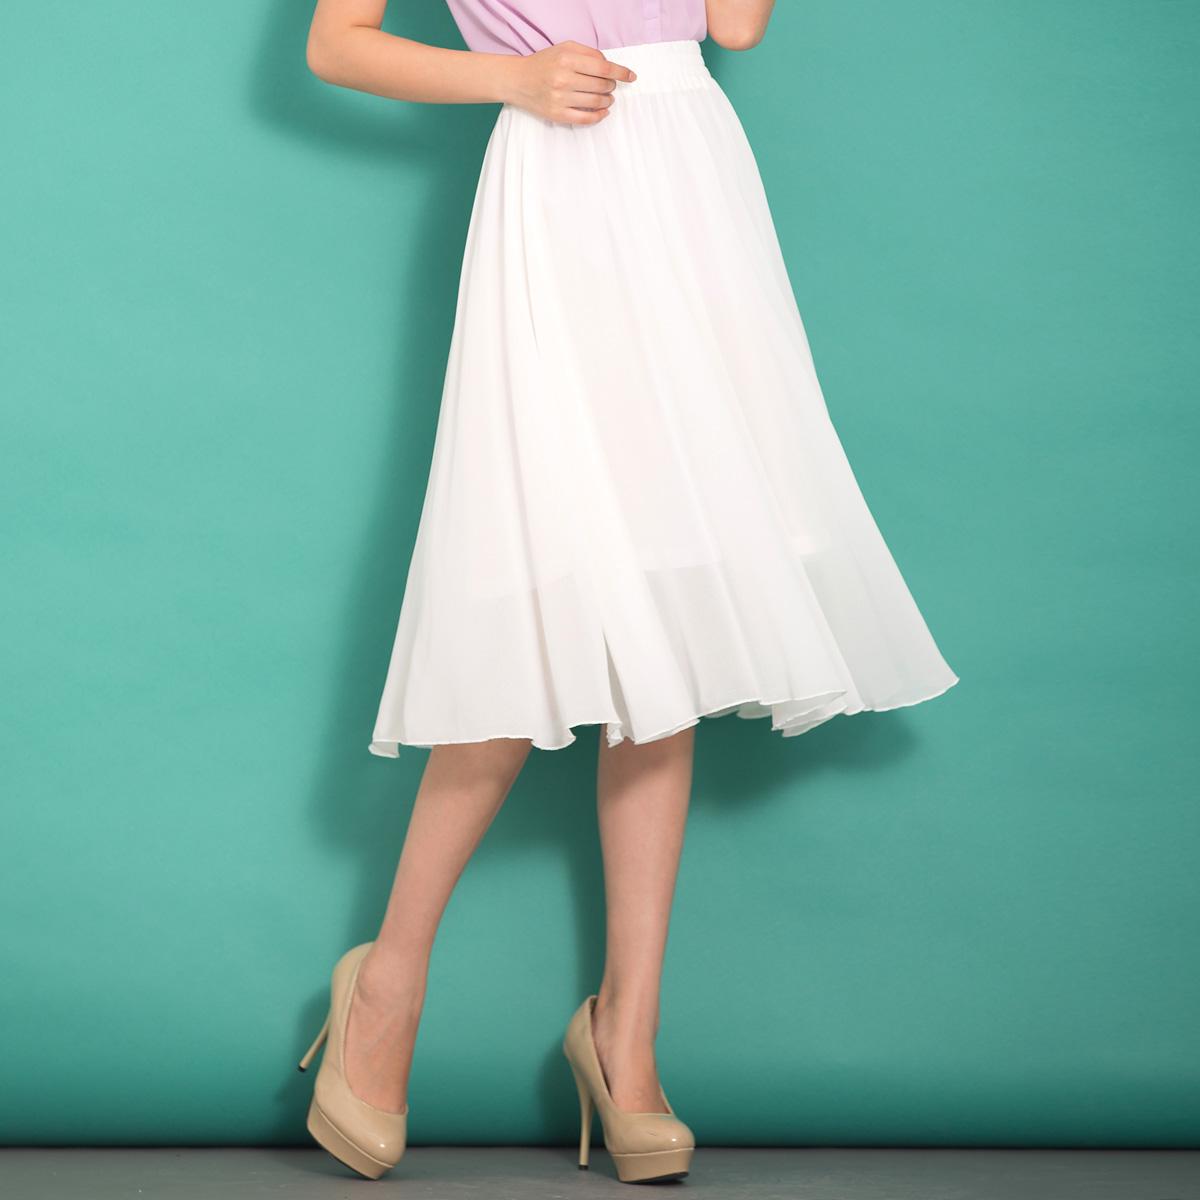 白色半身裙 雪纺半身裙女夏中长裙松紧腰纯色a字长裙百搭大摆雪纺裙白色半裙_推荐淘宝好看的白色半身裙